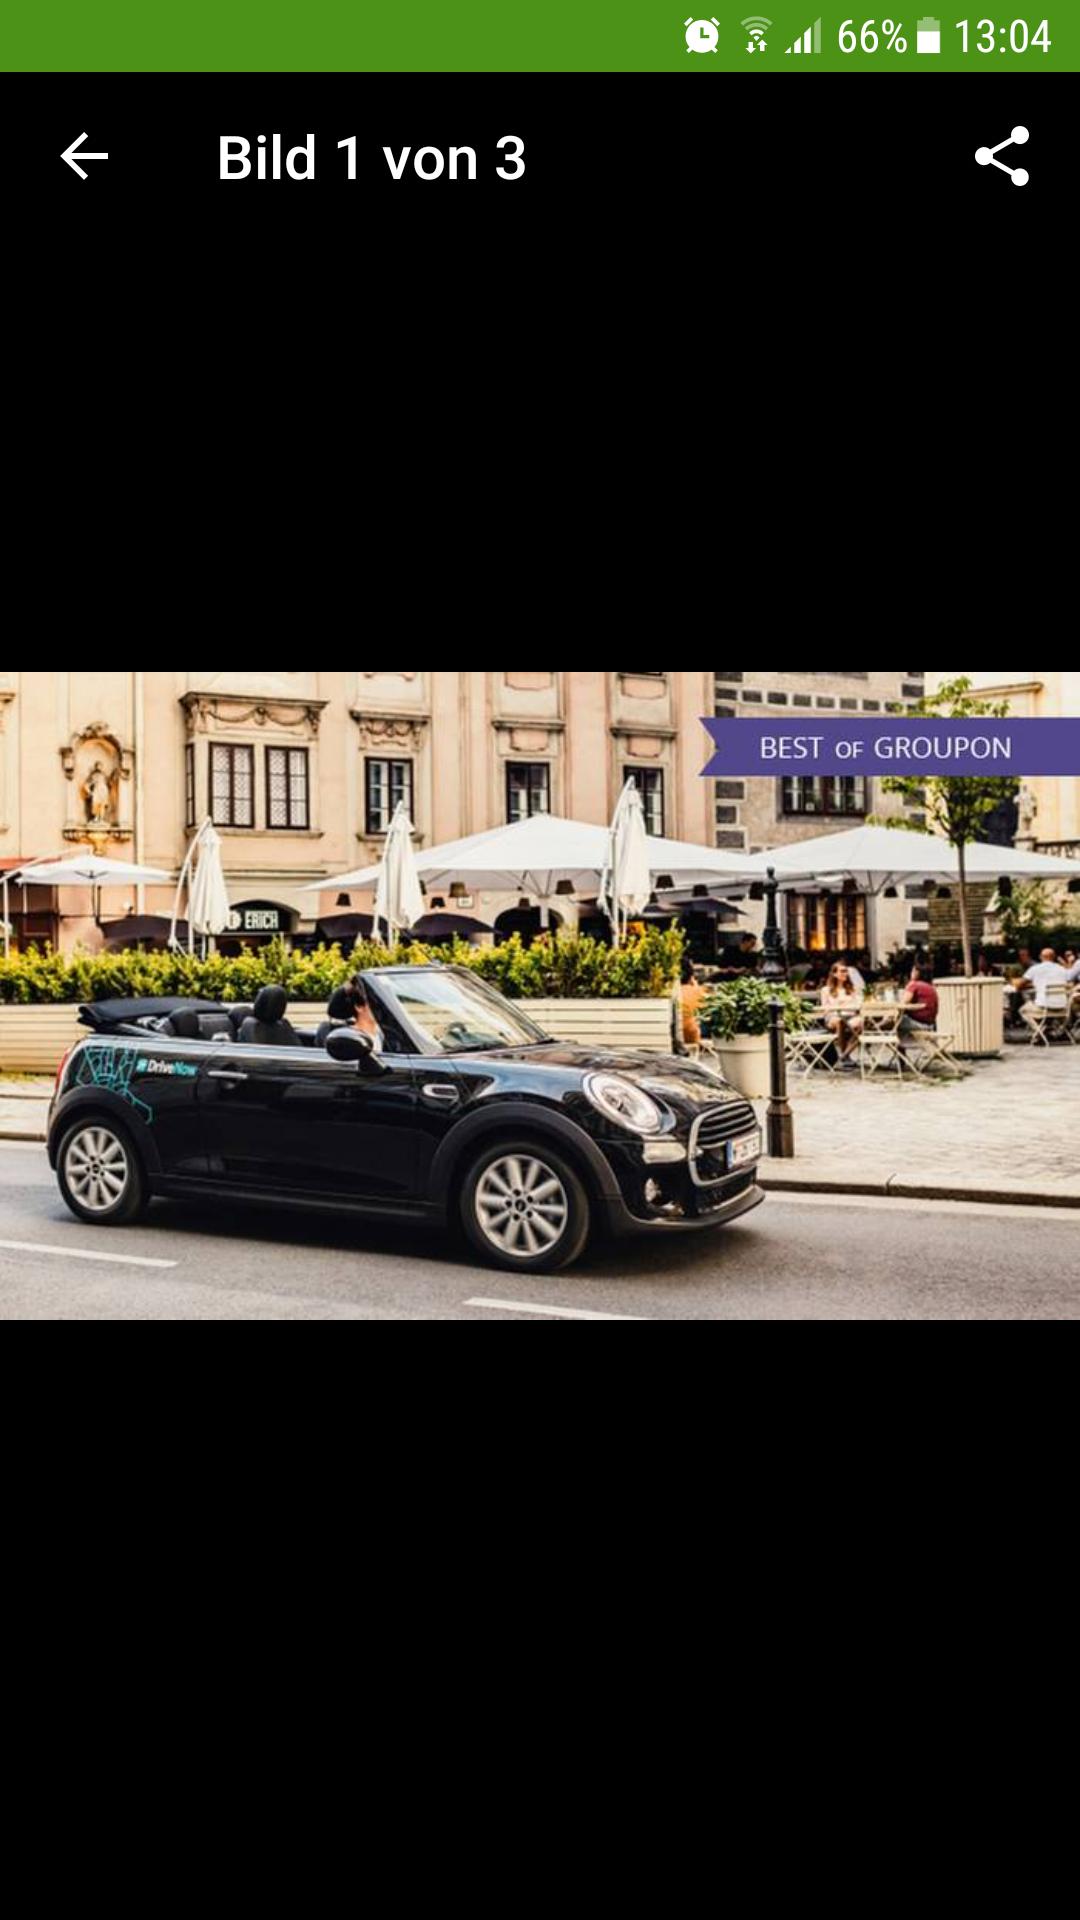 DriveNow-Anmeldung (Car-Sharing) inkl. 60 Fahrminuten für nur 7,20€